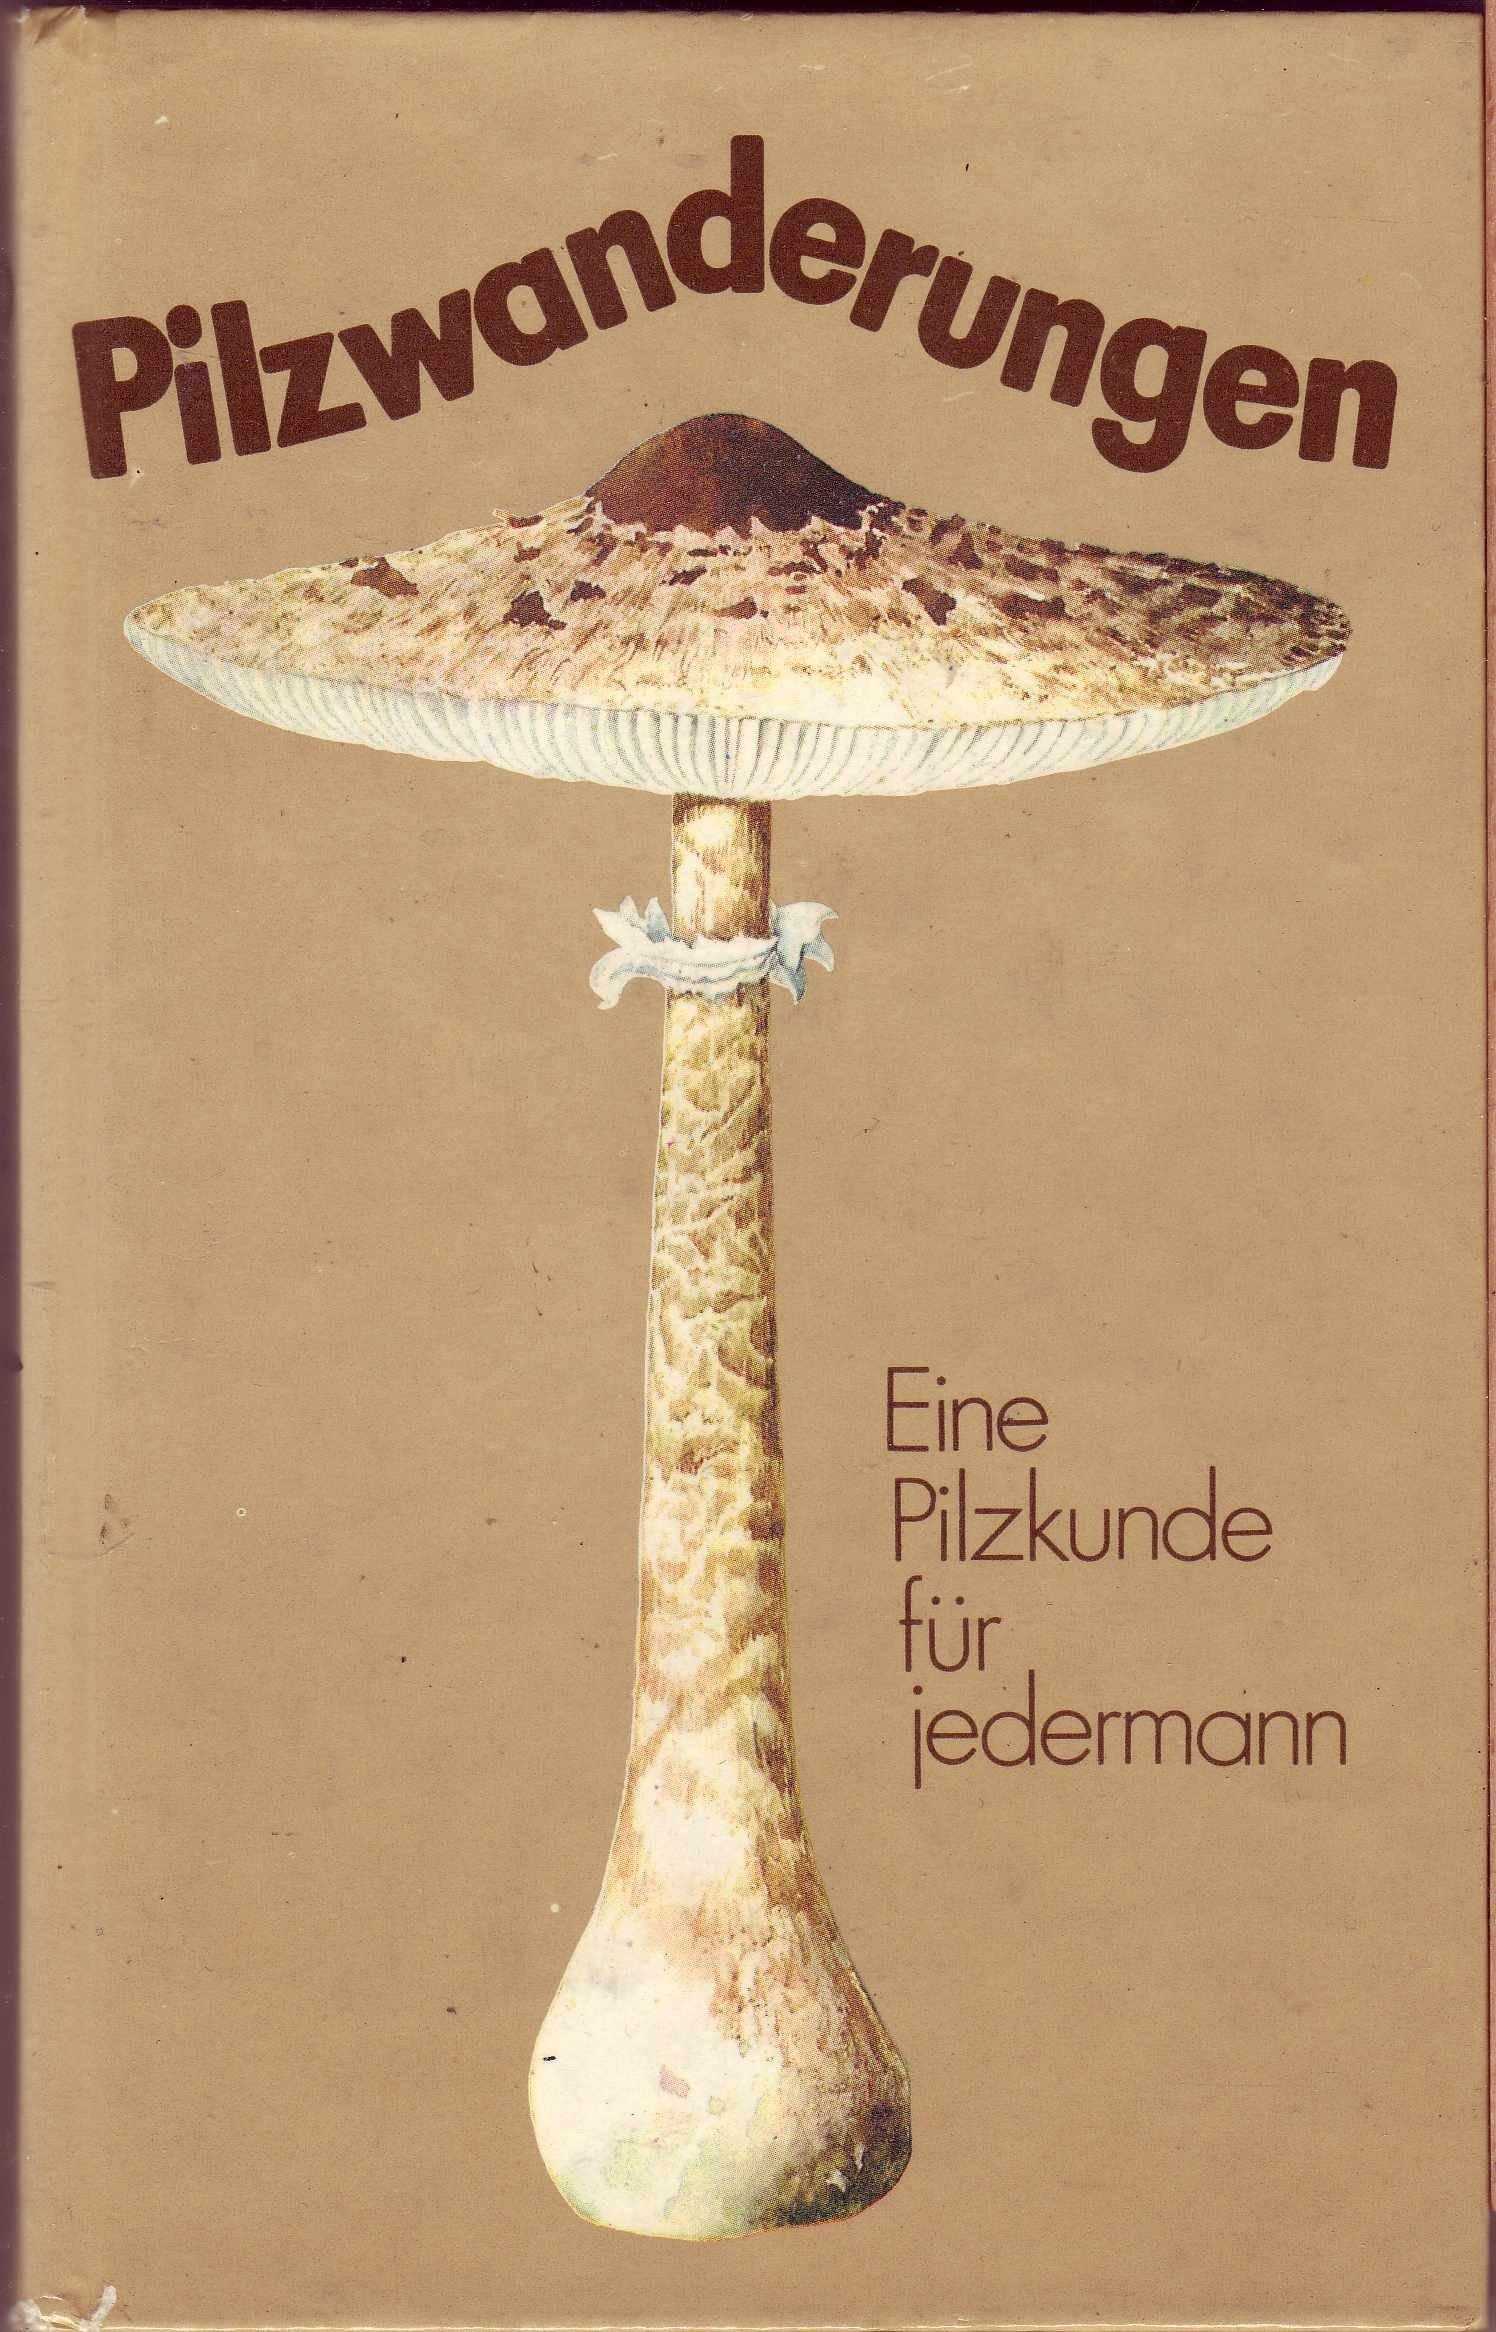 Pilzwanderungen. Eine Pilzkunde für jedermann